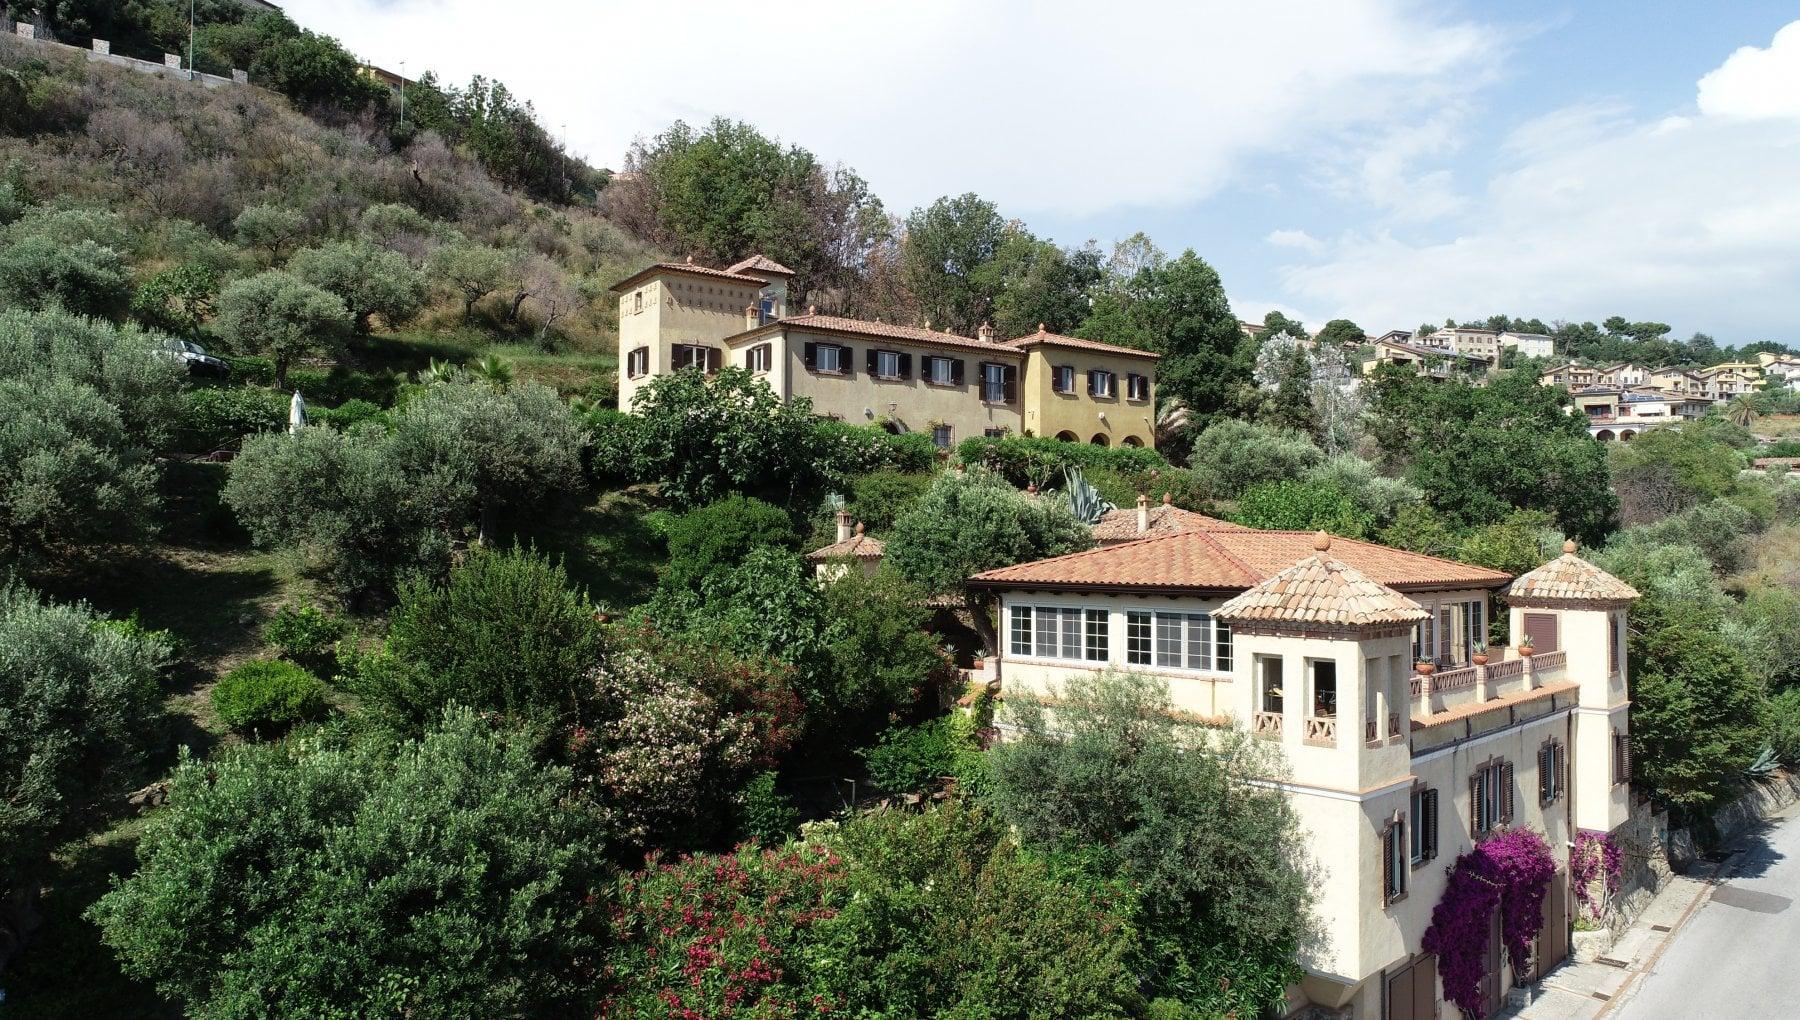 212845127 6edabfa8 e071 4bef 90cc 8280ad6417b8 - Domenica si aprono le porte di 300 dimore storiche in tutta Italia